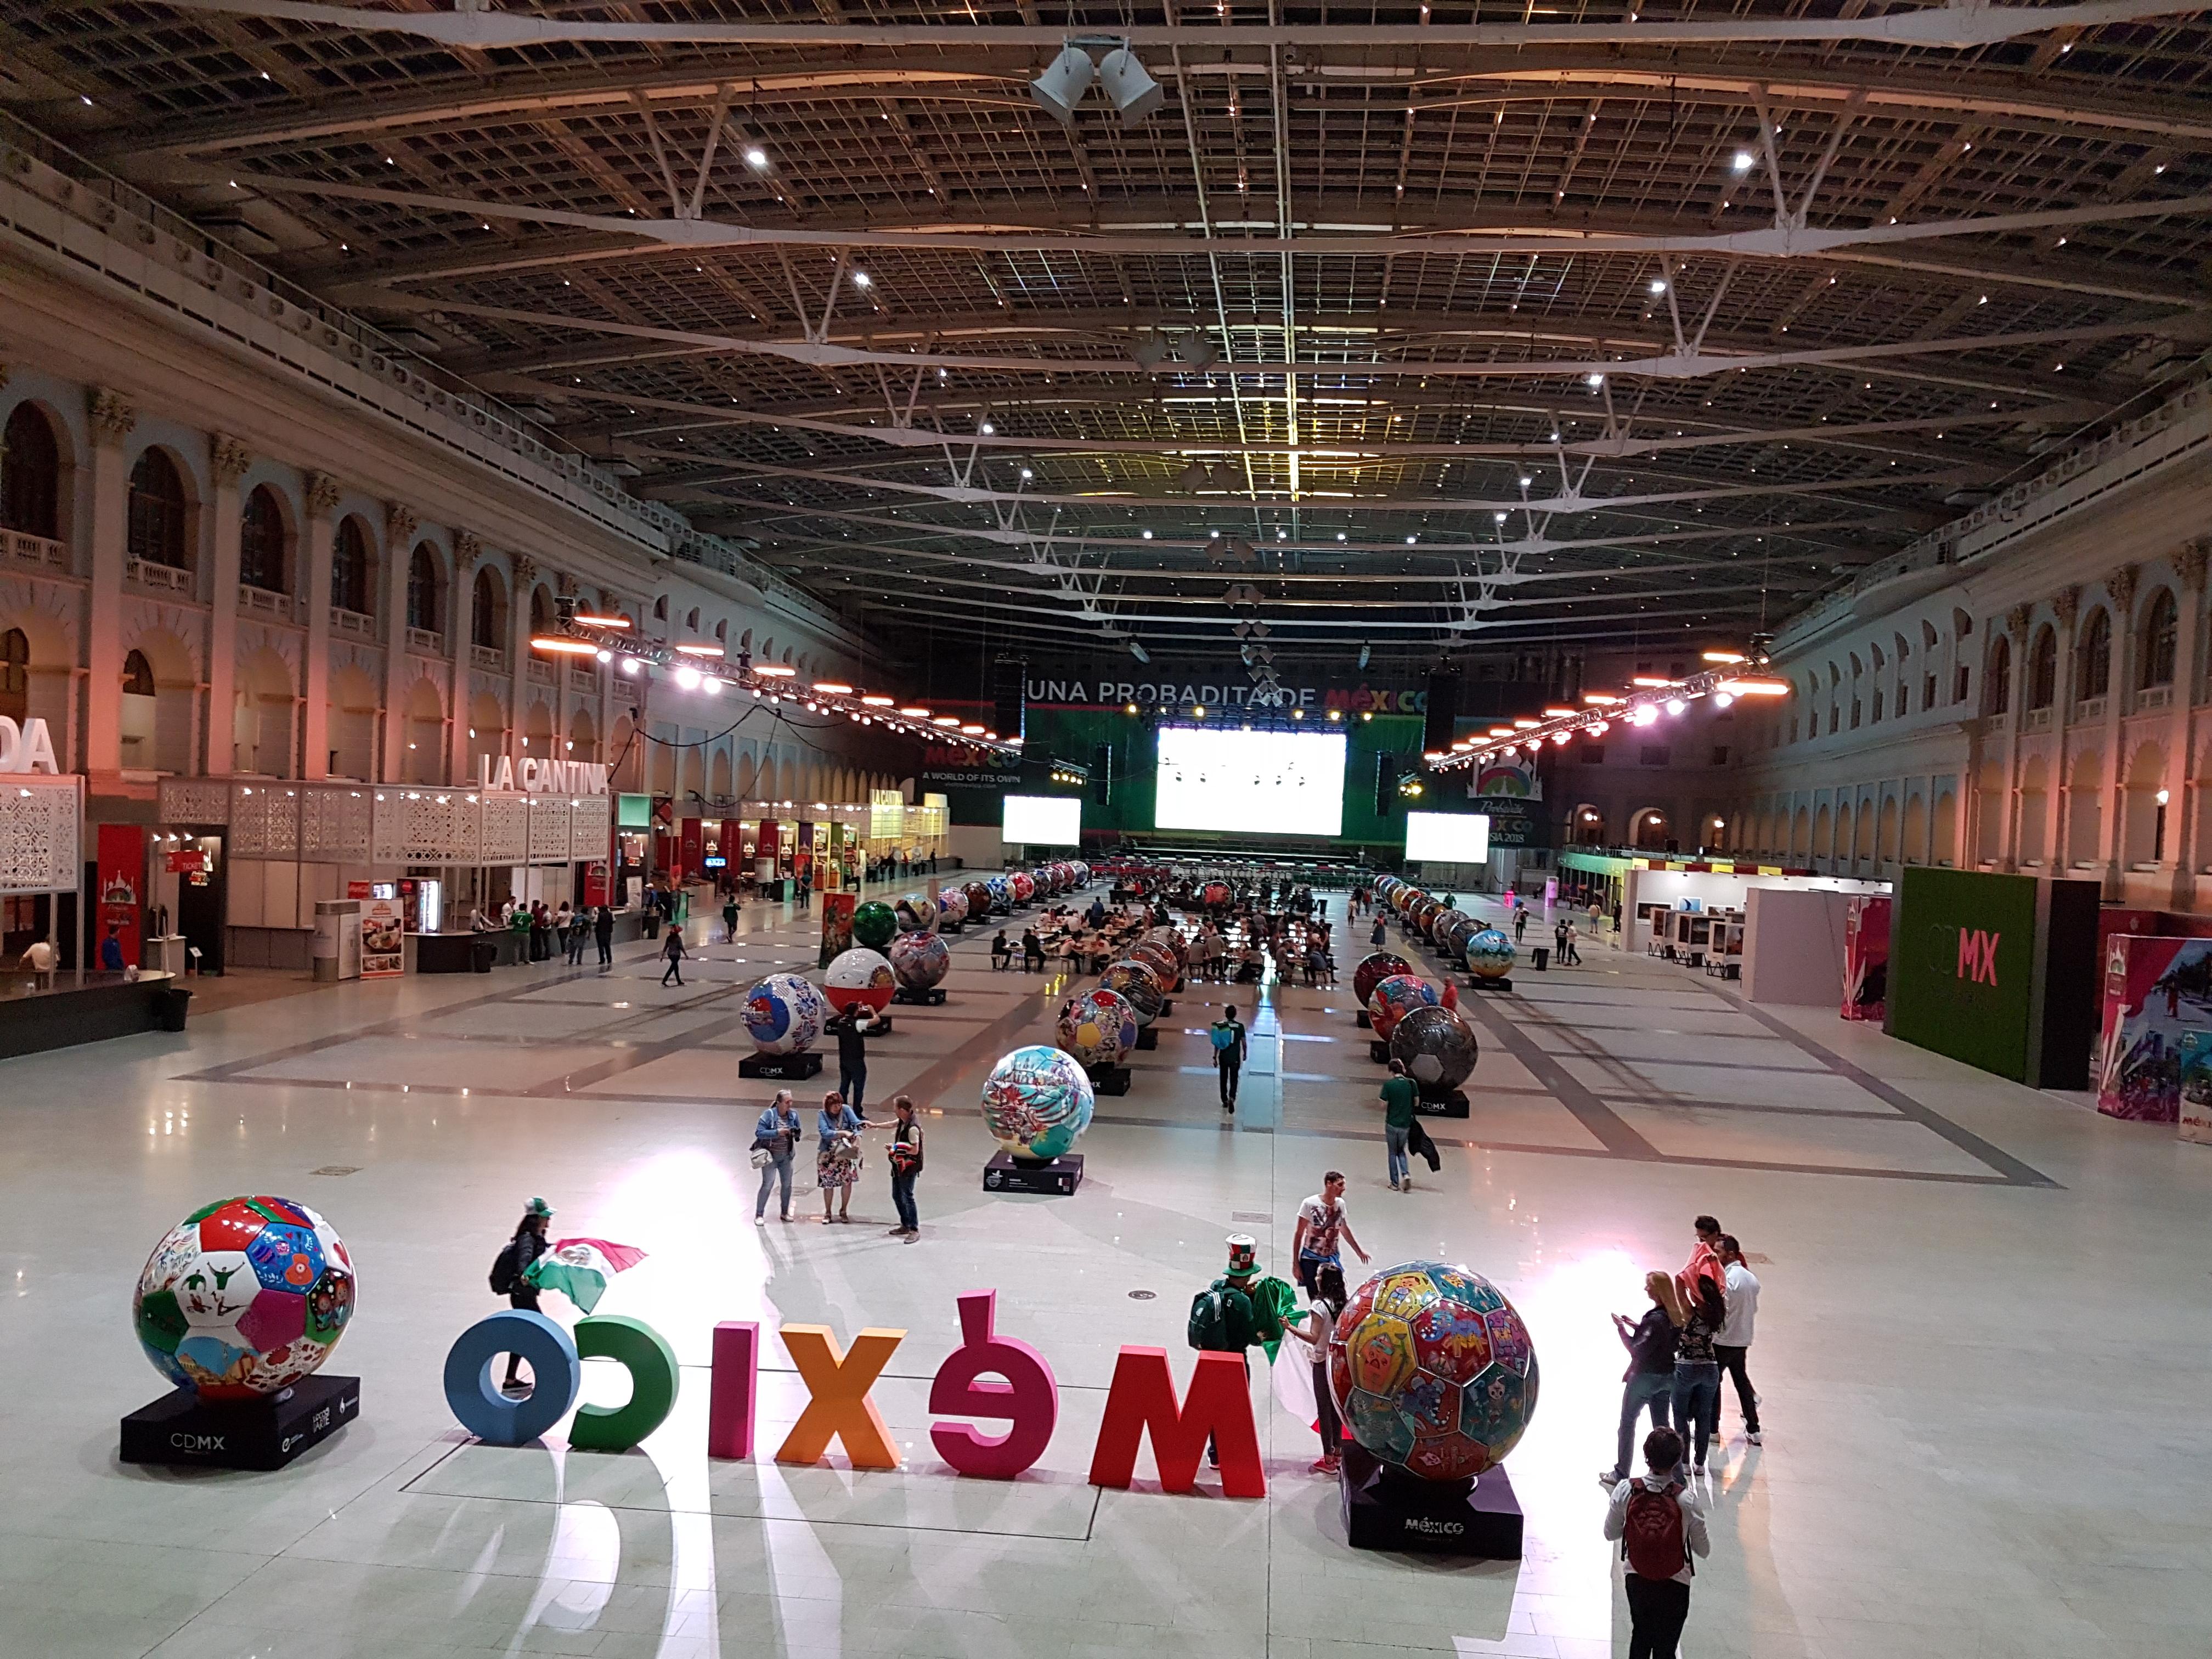 Мексиканский дом на Чемпионате мира в России расположен в Гостинном дворе